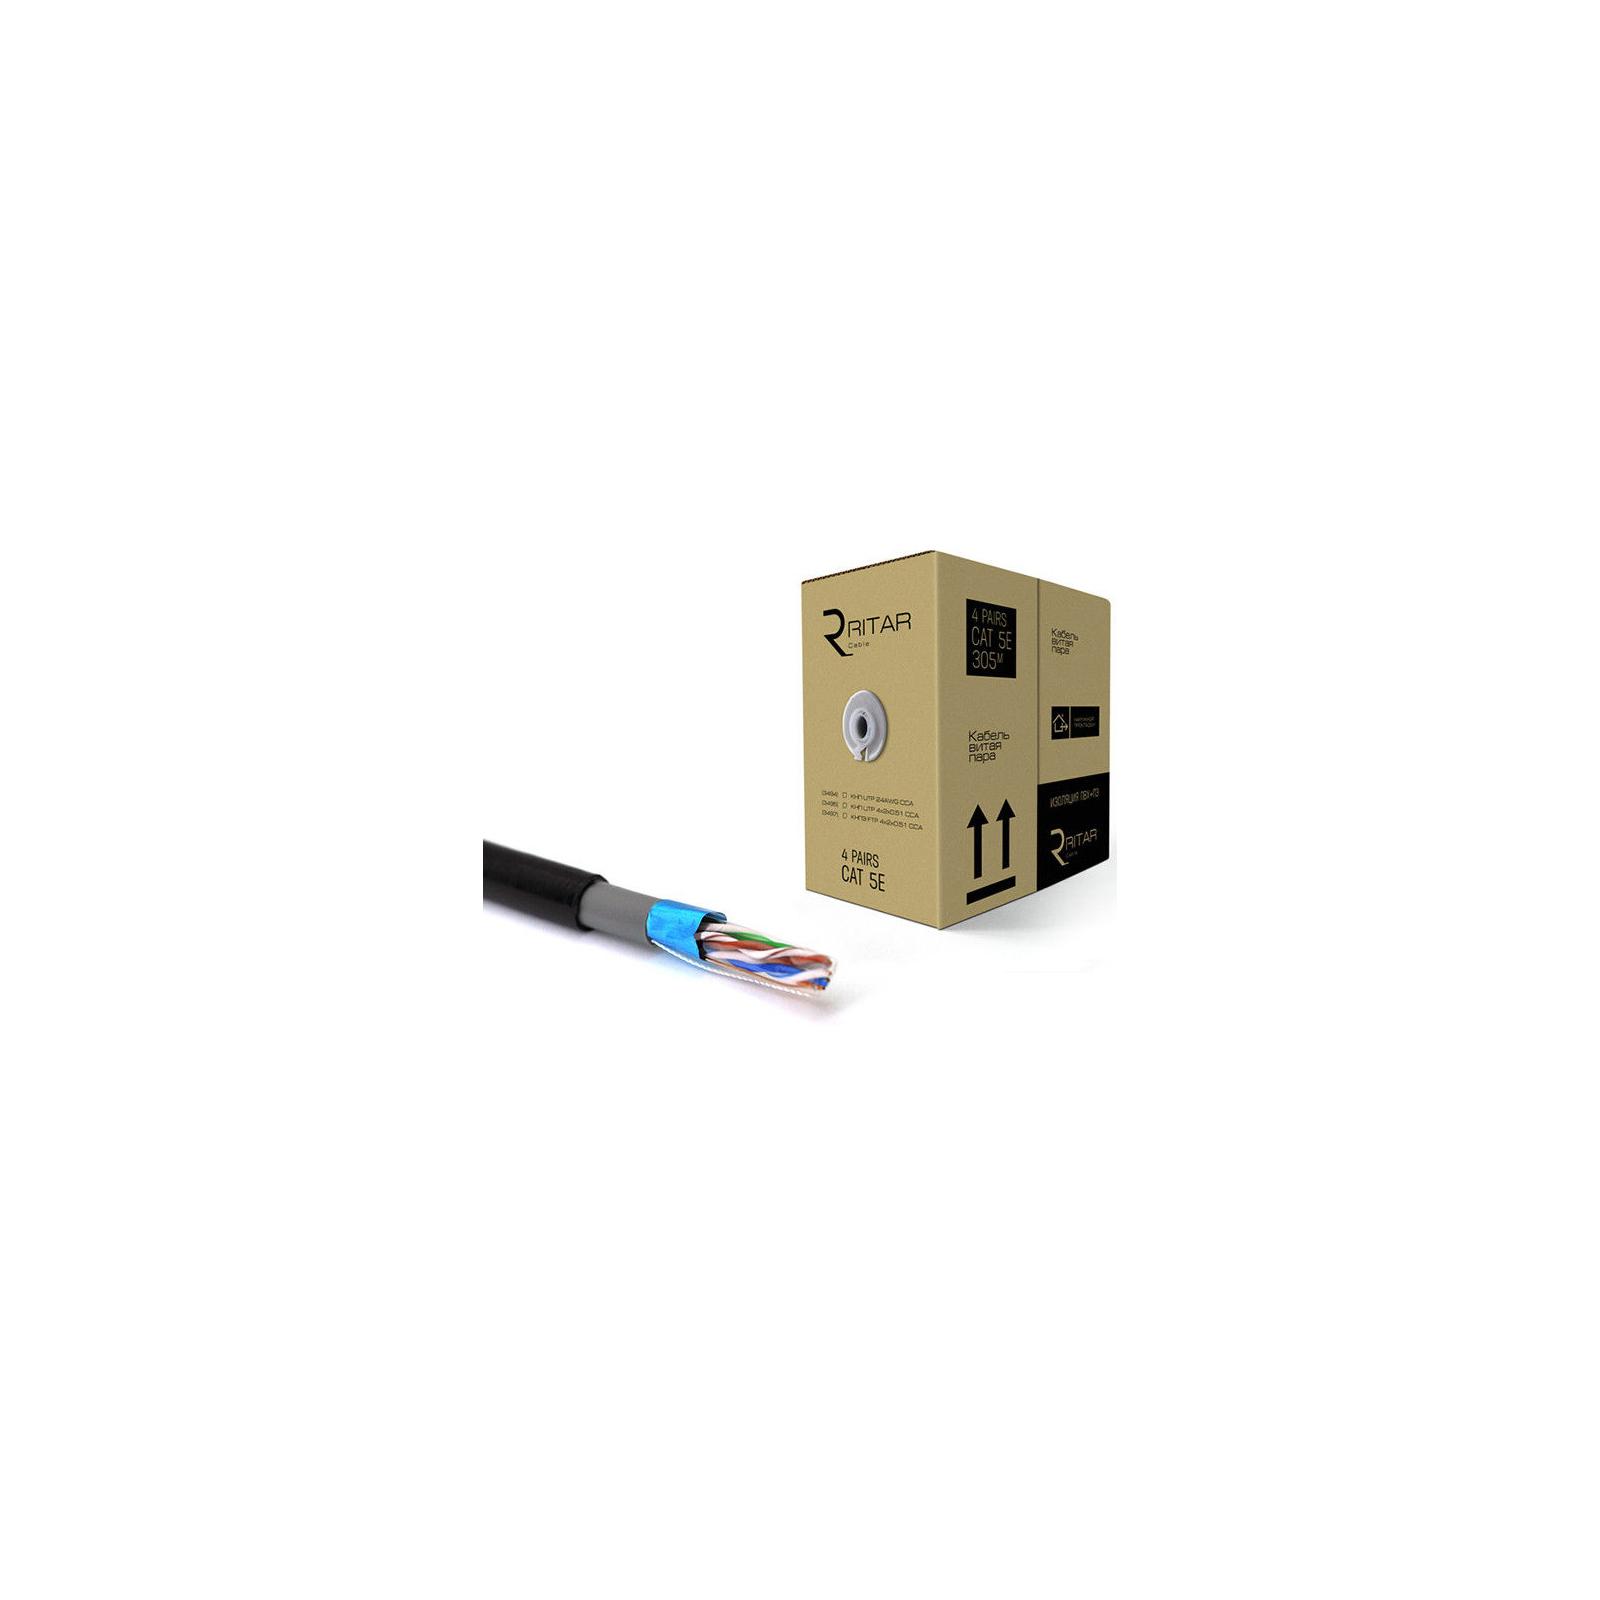 Кабель сетевой Ritar FTP 305м КНПЭ (4*2*0,51)[СCA] ПВХ+ПЭ, наружный (3497)